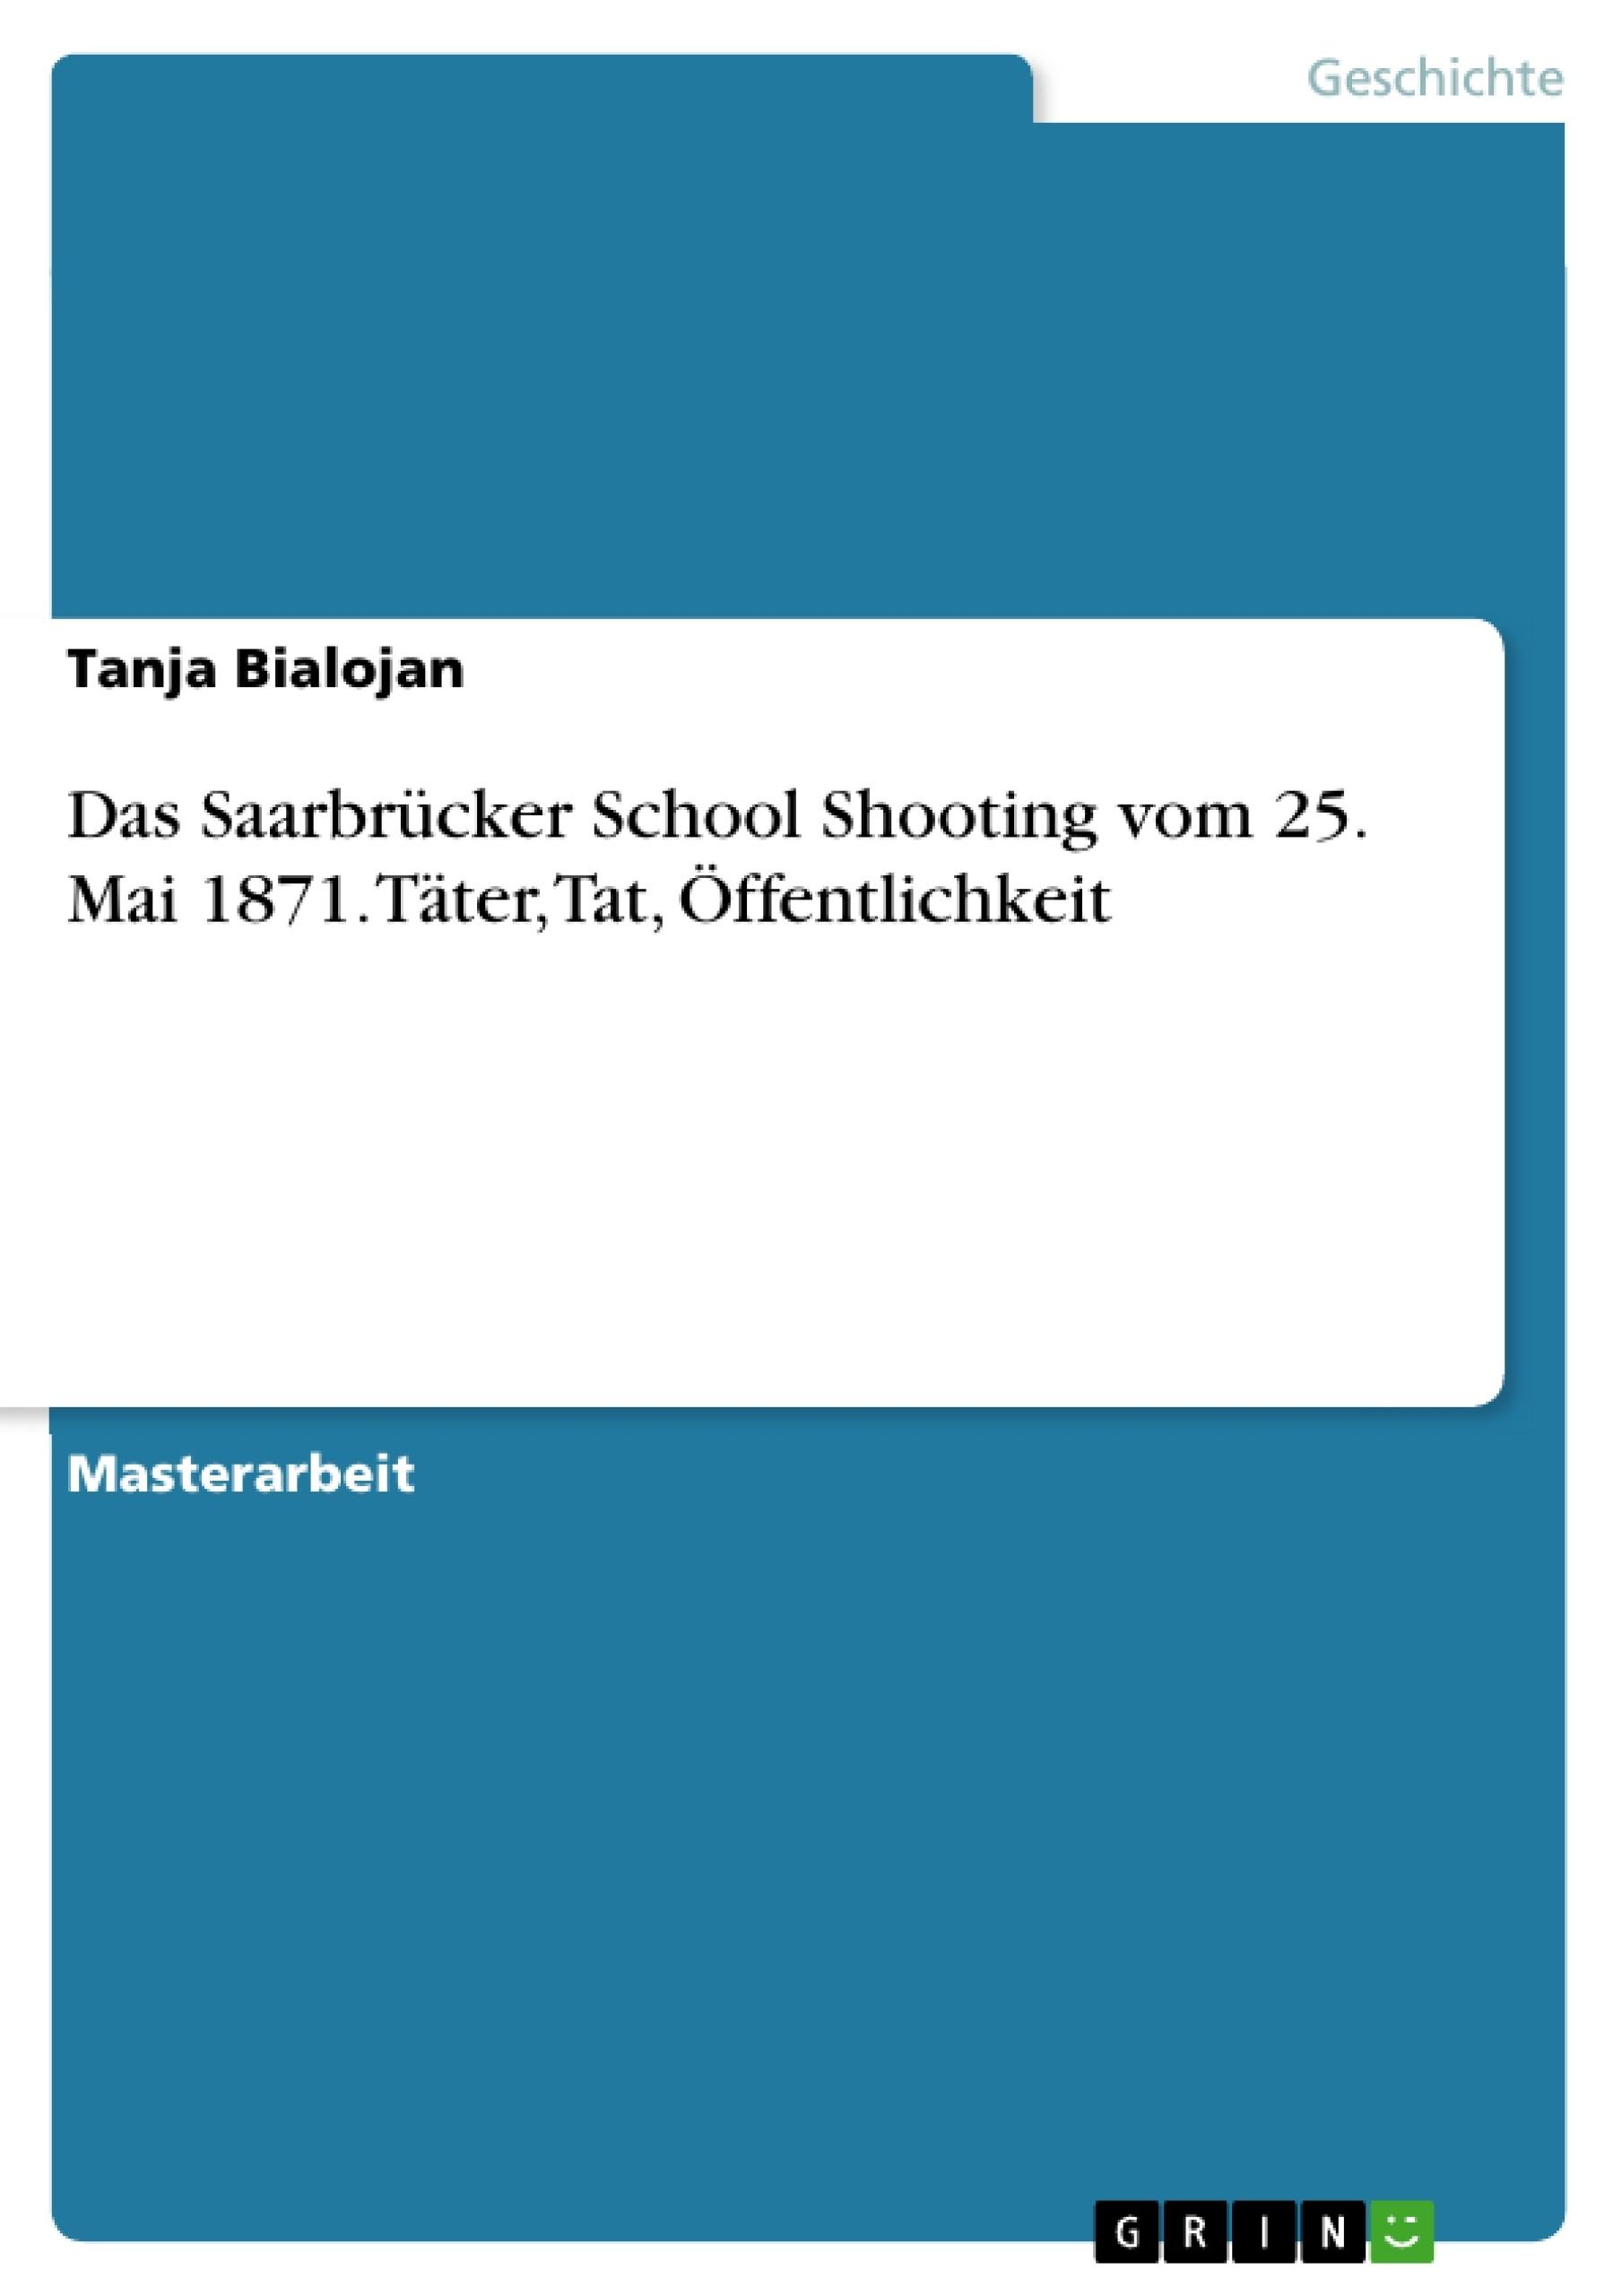 Titel: Das Saarbrücker School Shooting vom 25. Mai 1871. Täter, Tat, Öffentlichkeit